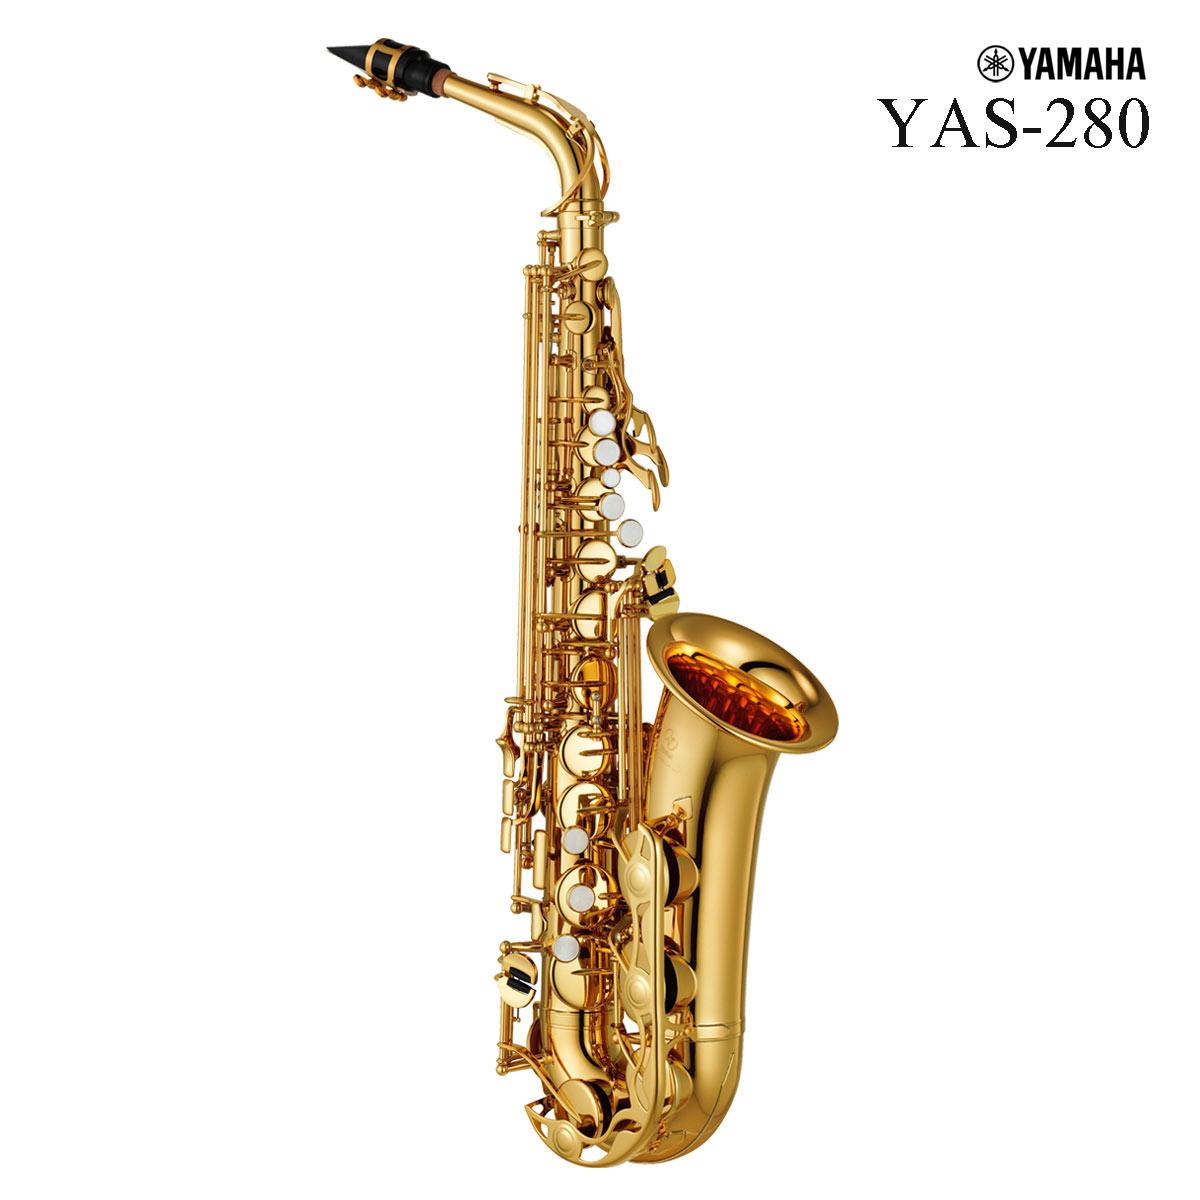 スタンダード YAS280 【在庫あり】YAMAHA YAS-280 / 《倉庫保管新品をお届け※もちろん出荷前調整》《5年保証》 アルトサックス